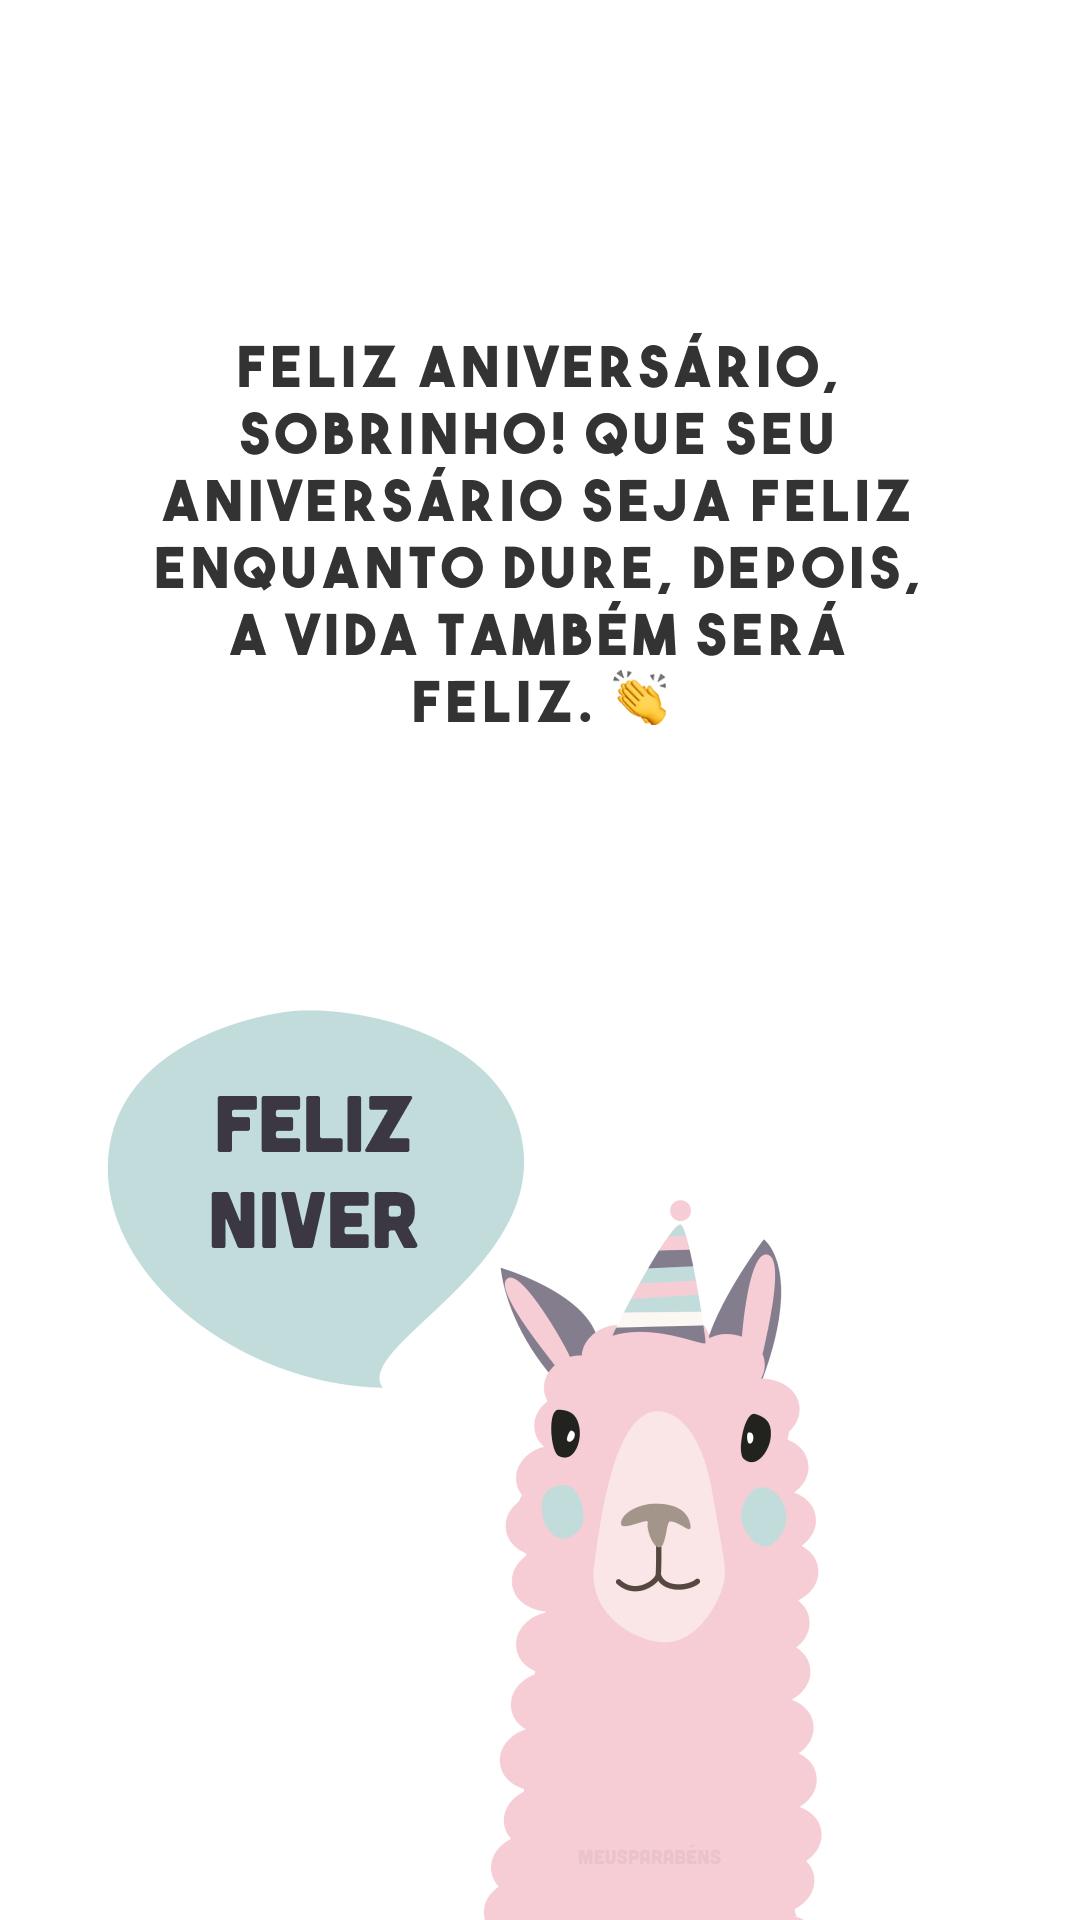 Feliz aniversário, sobrinho! Que seu aniversário seja feliz enquanto dure, depois, a vida também será feliz. 👏